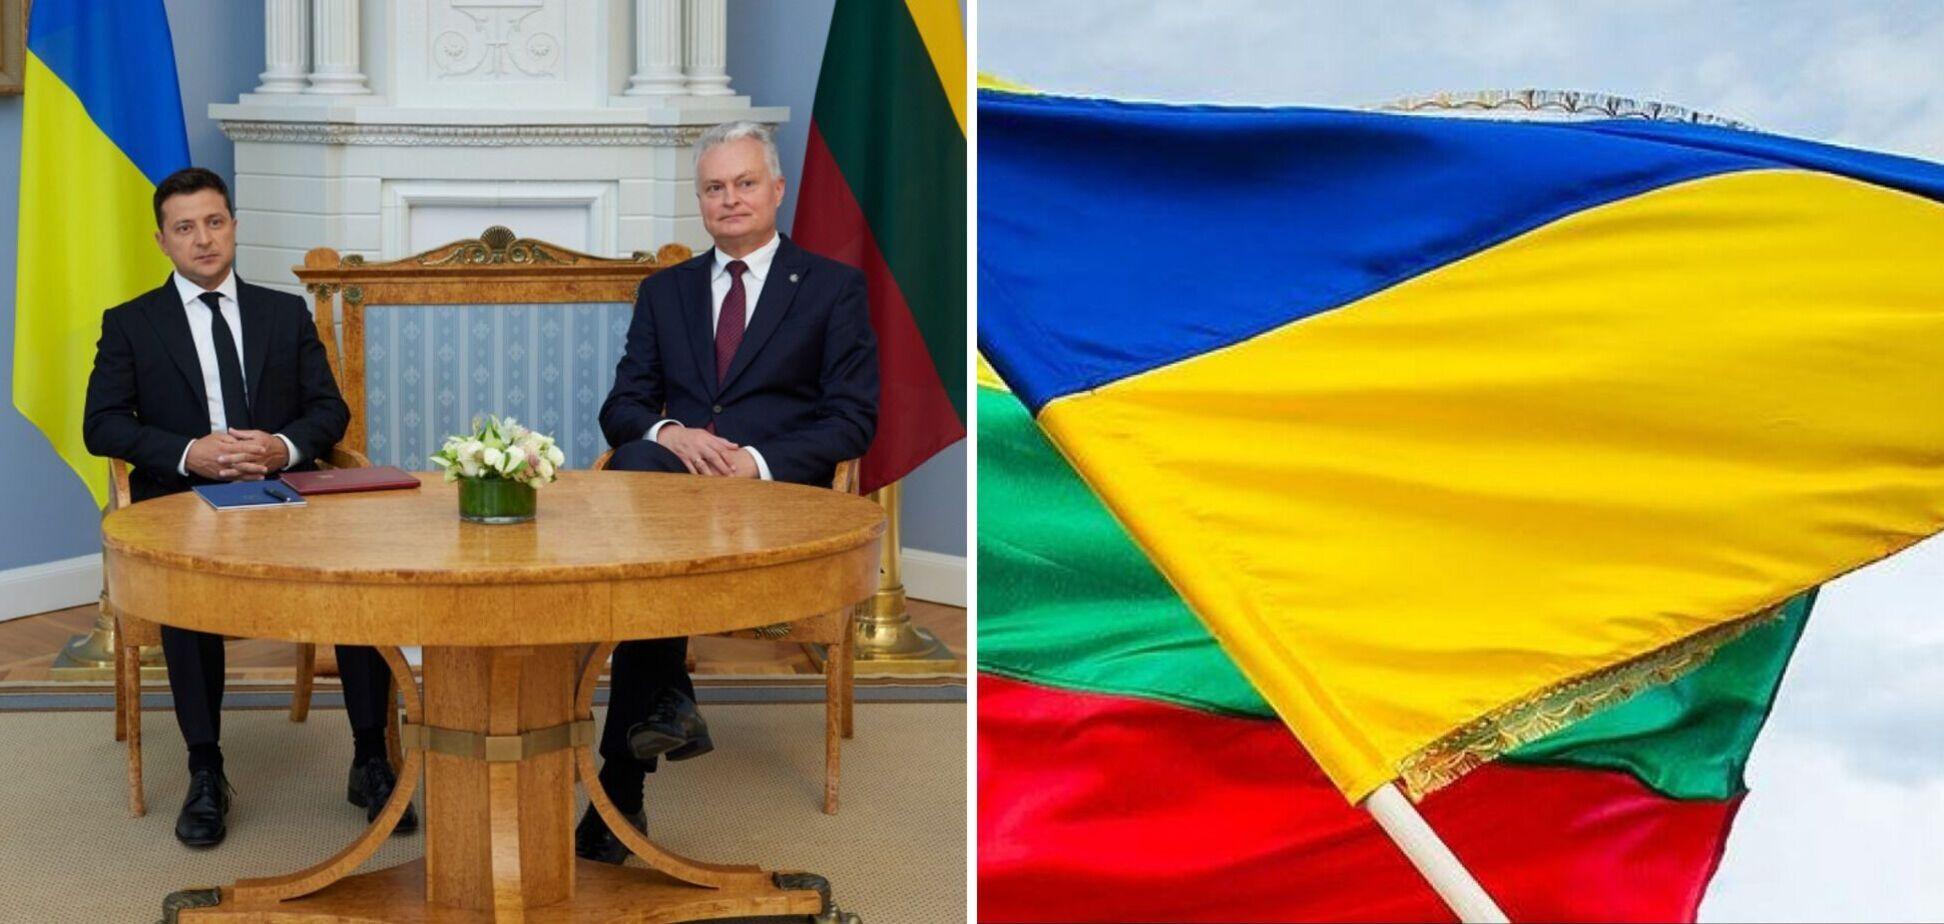 Зеленский провел переговоры с главой Литвы